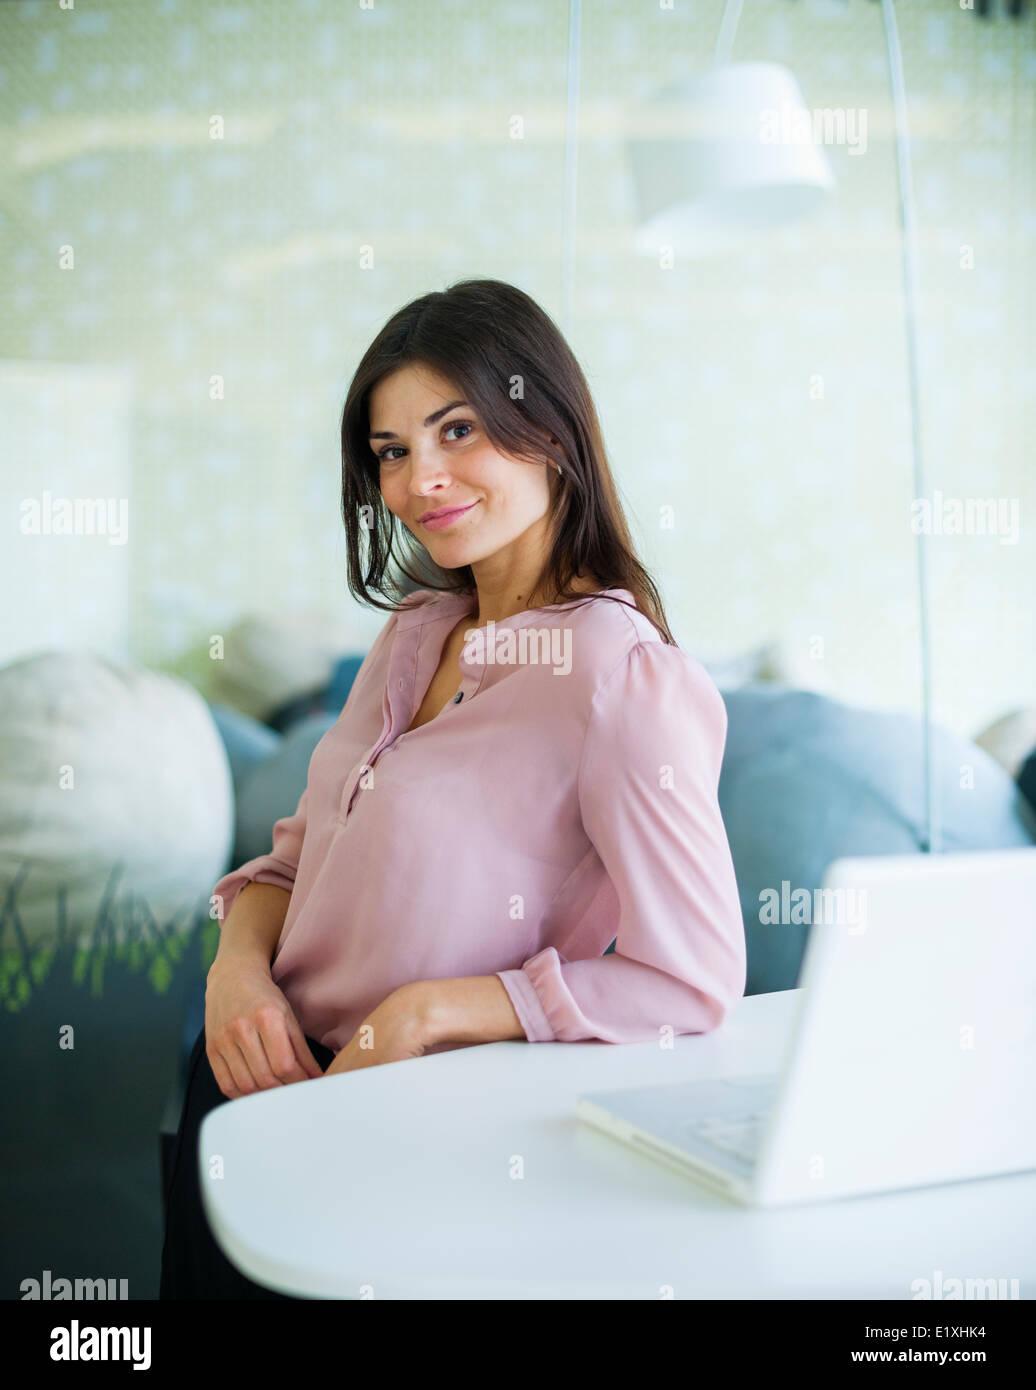 Retrato de Confianza Empresaria joven apoyándose en la mesa de oficina Imagen De Stock